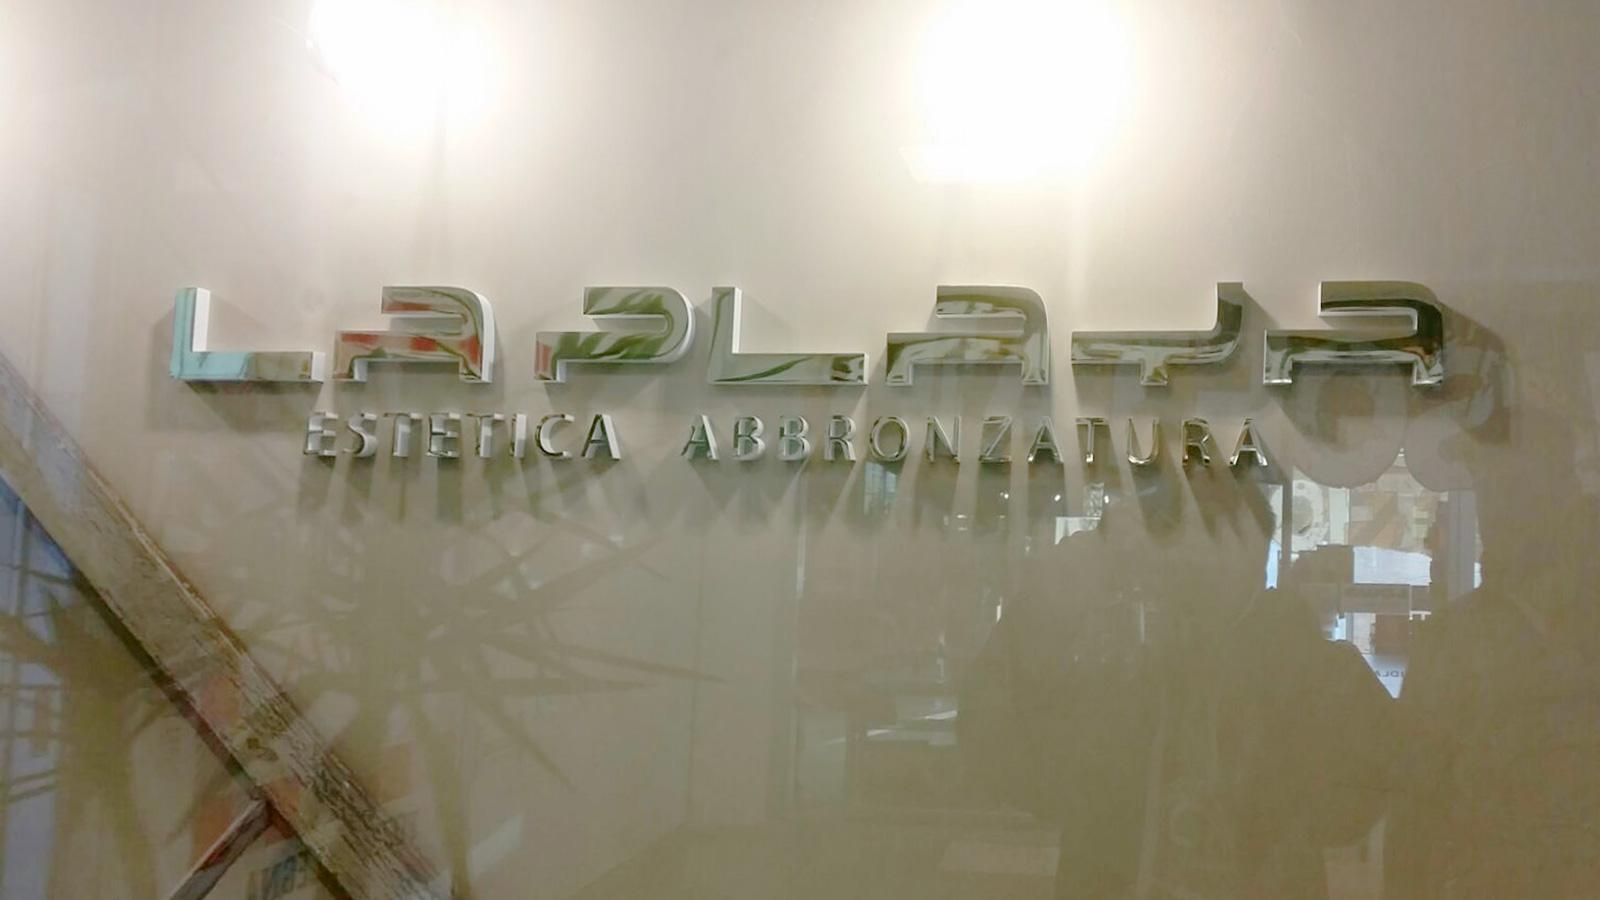 personalizzazione insegne 3D per negozi - Brescia